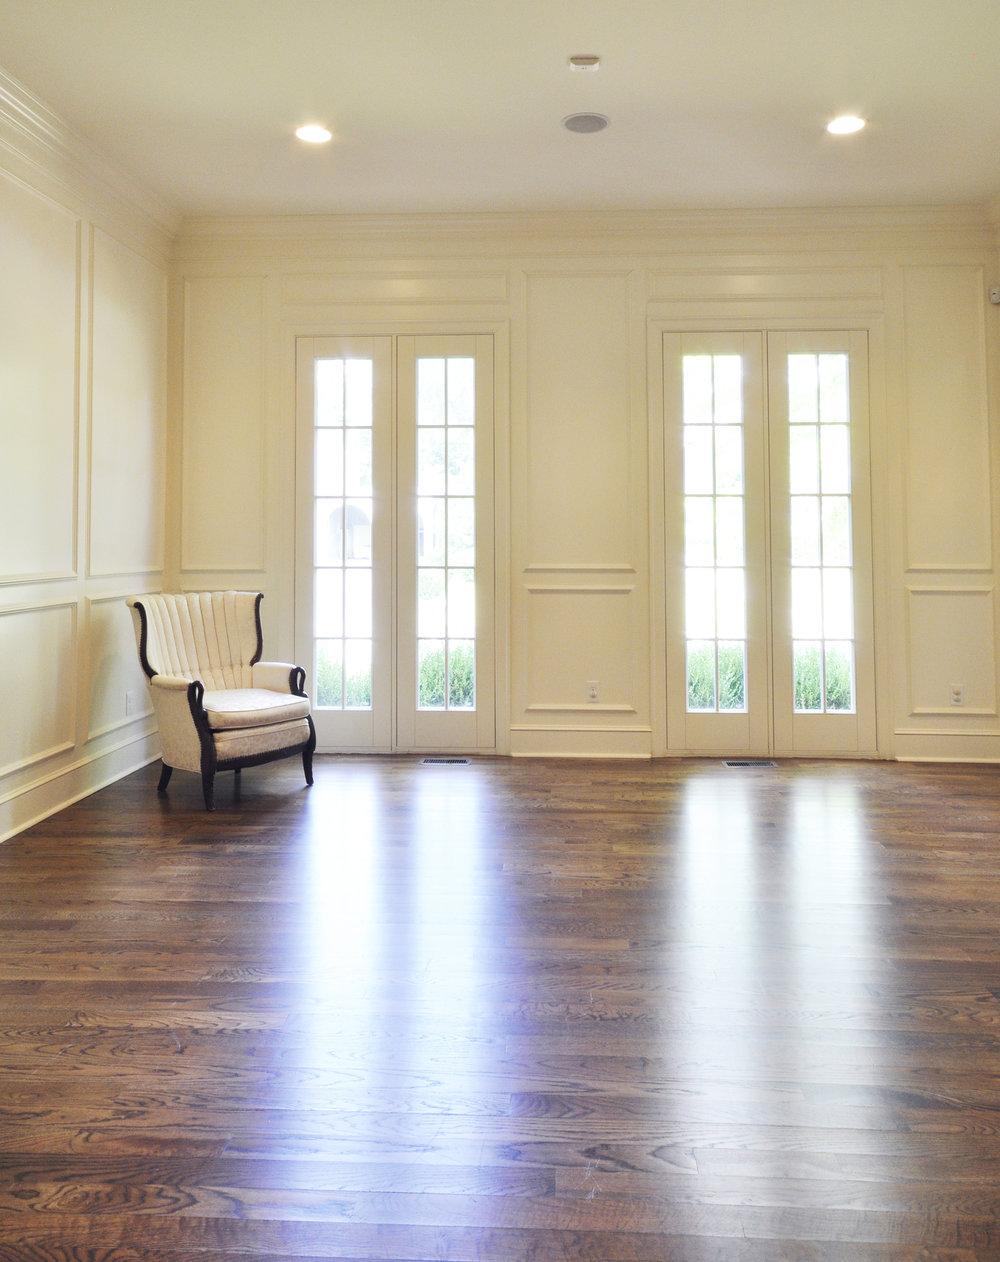 Willis_living room.jpg